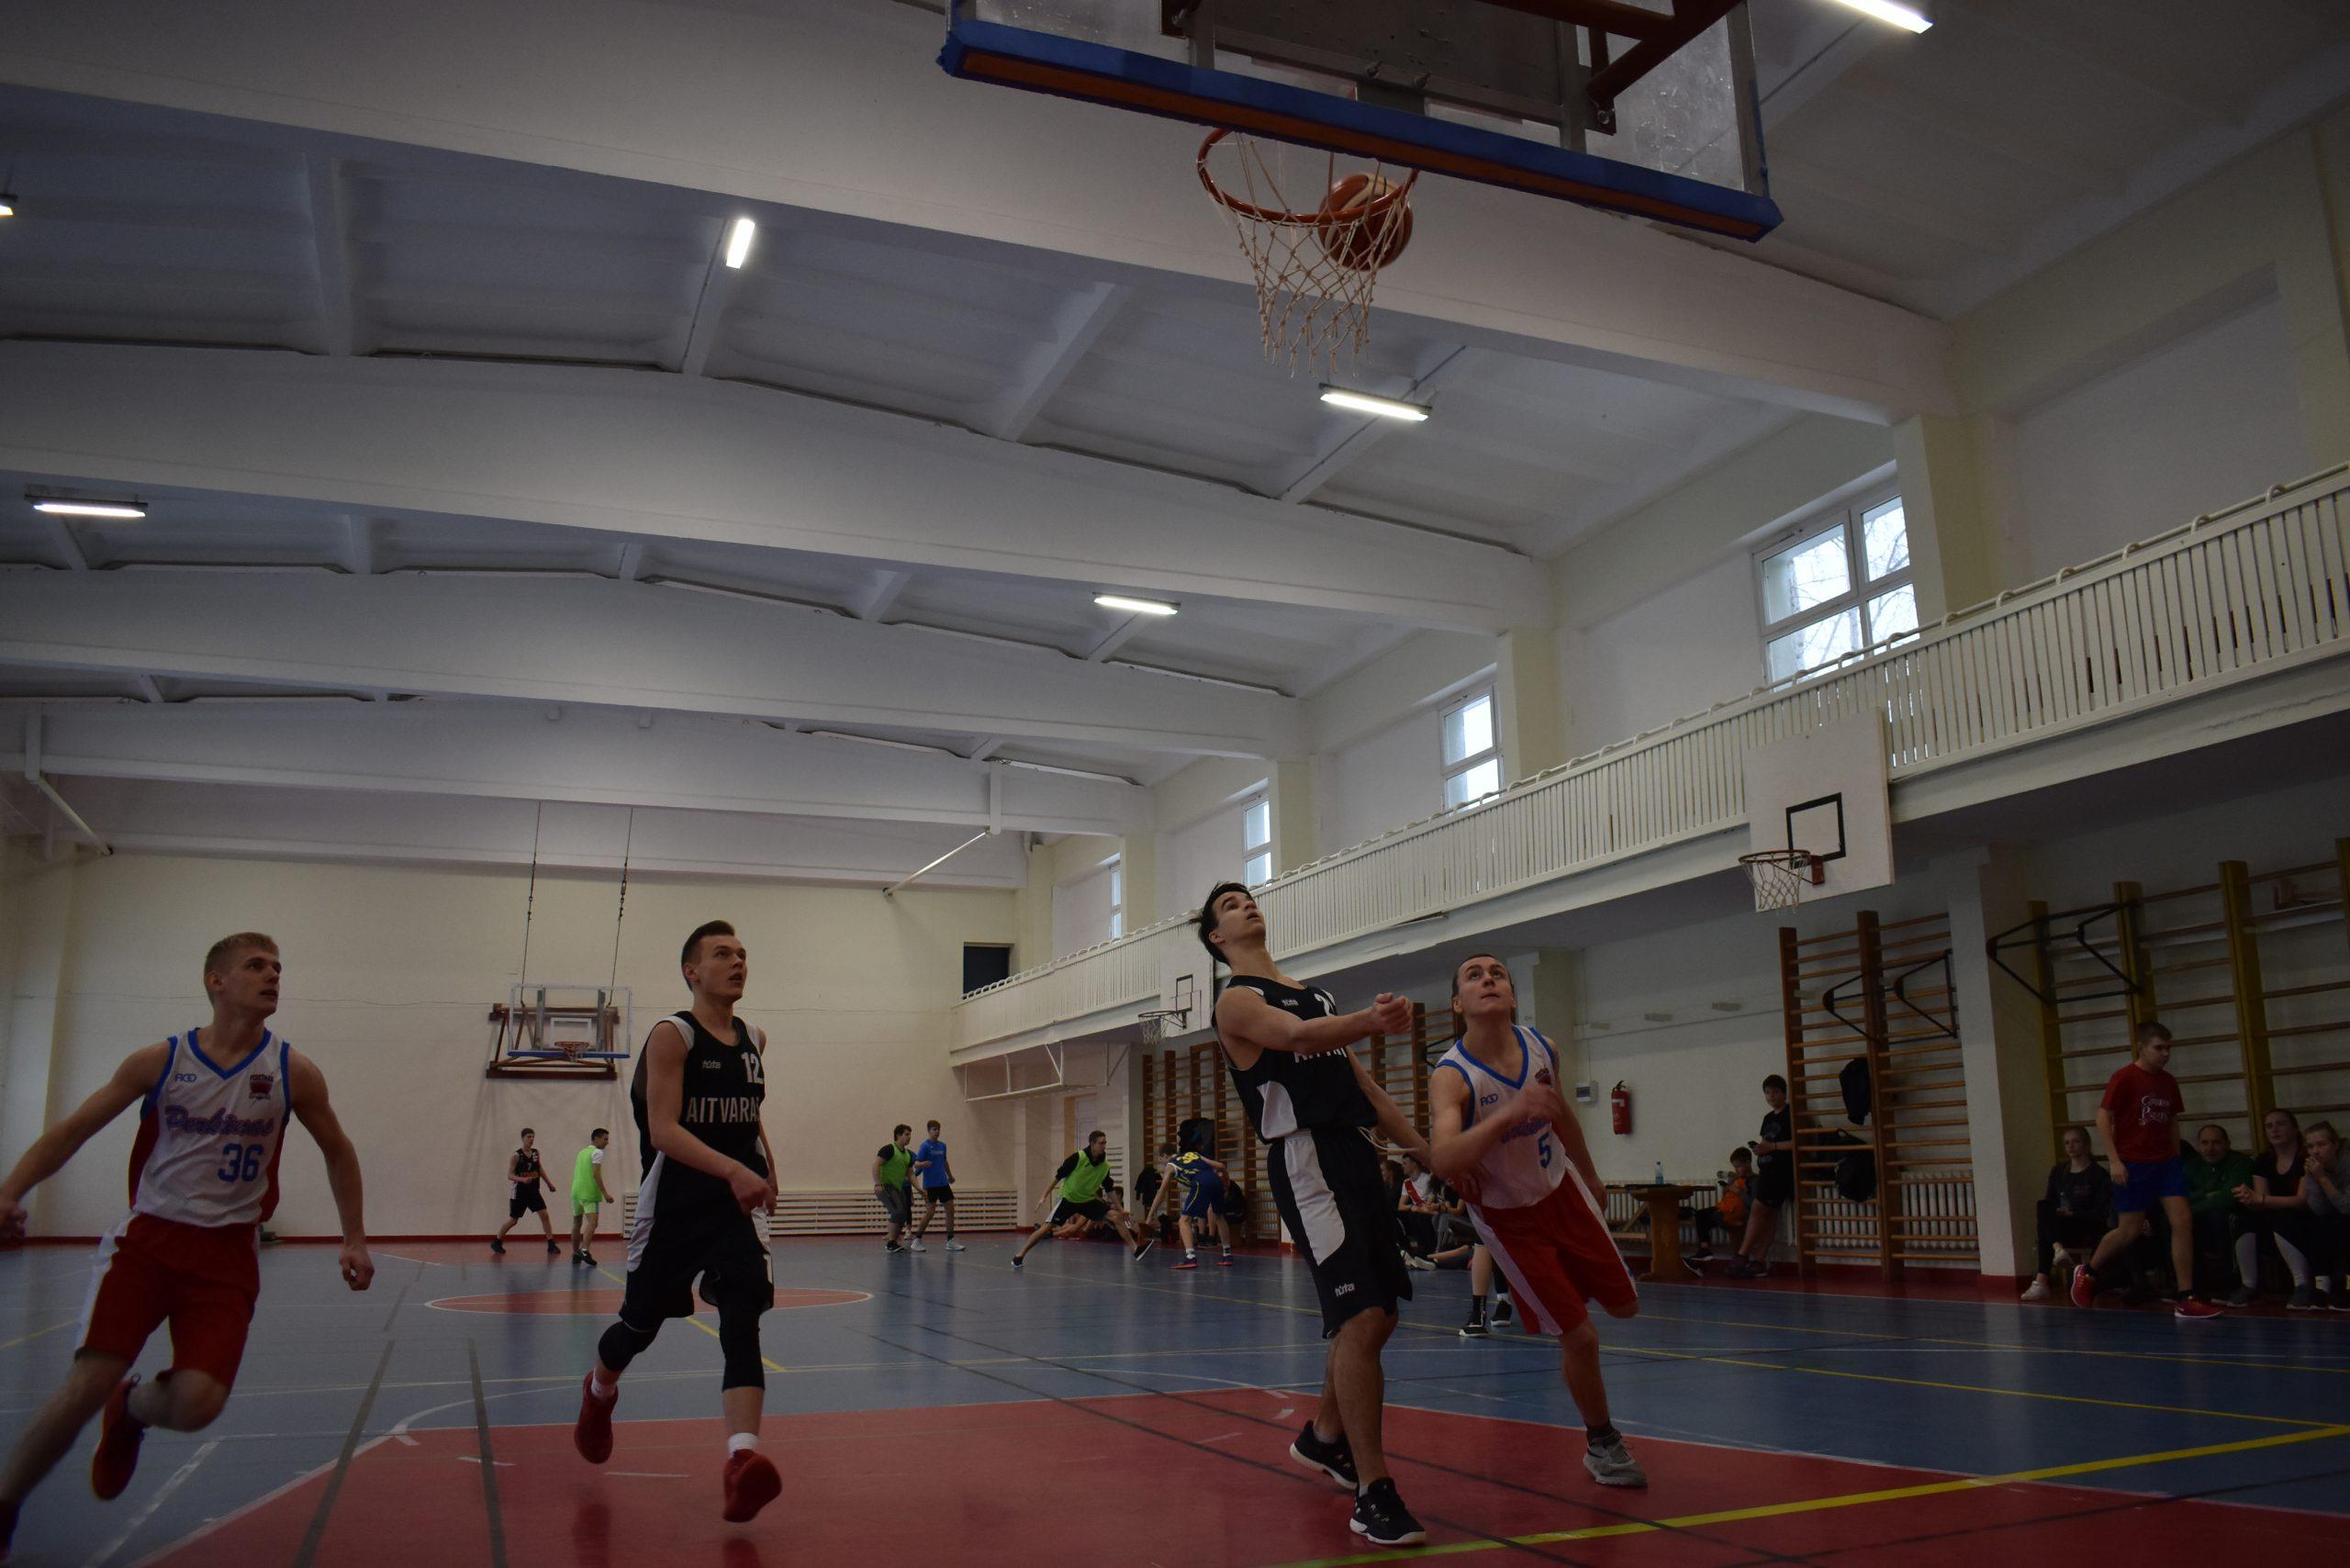 Ignalinoje krepšinio 3×3 varžybose susirungė jaunieji pasieniečiai